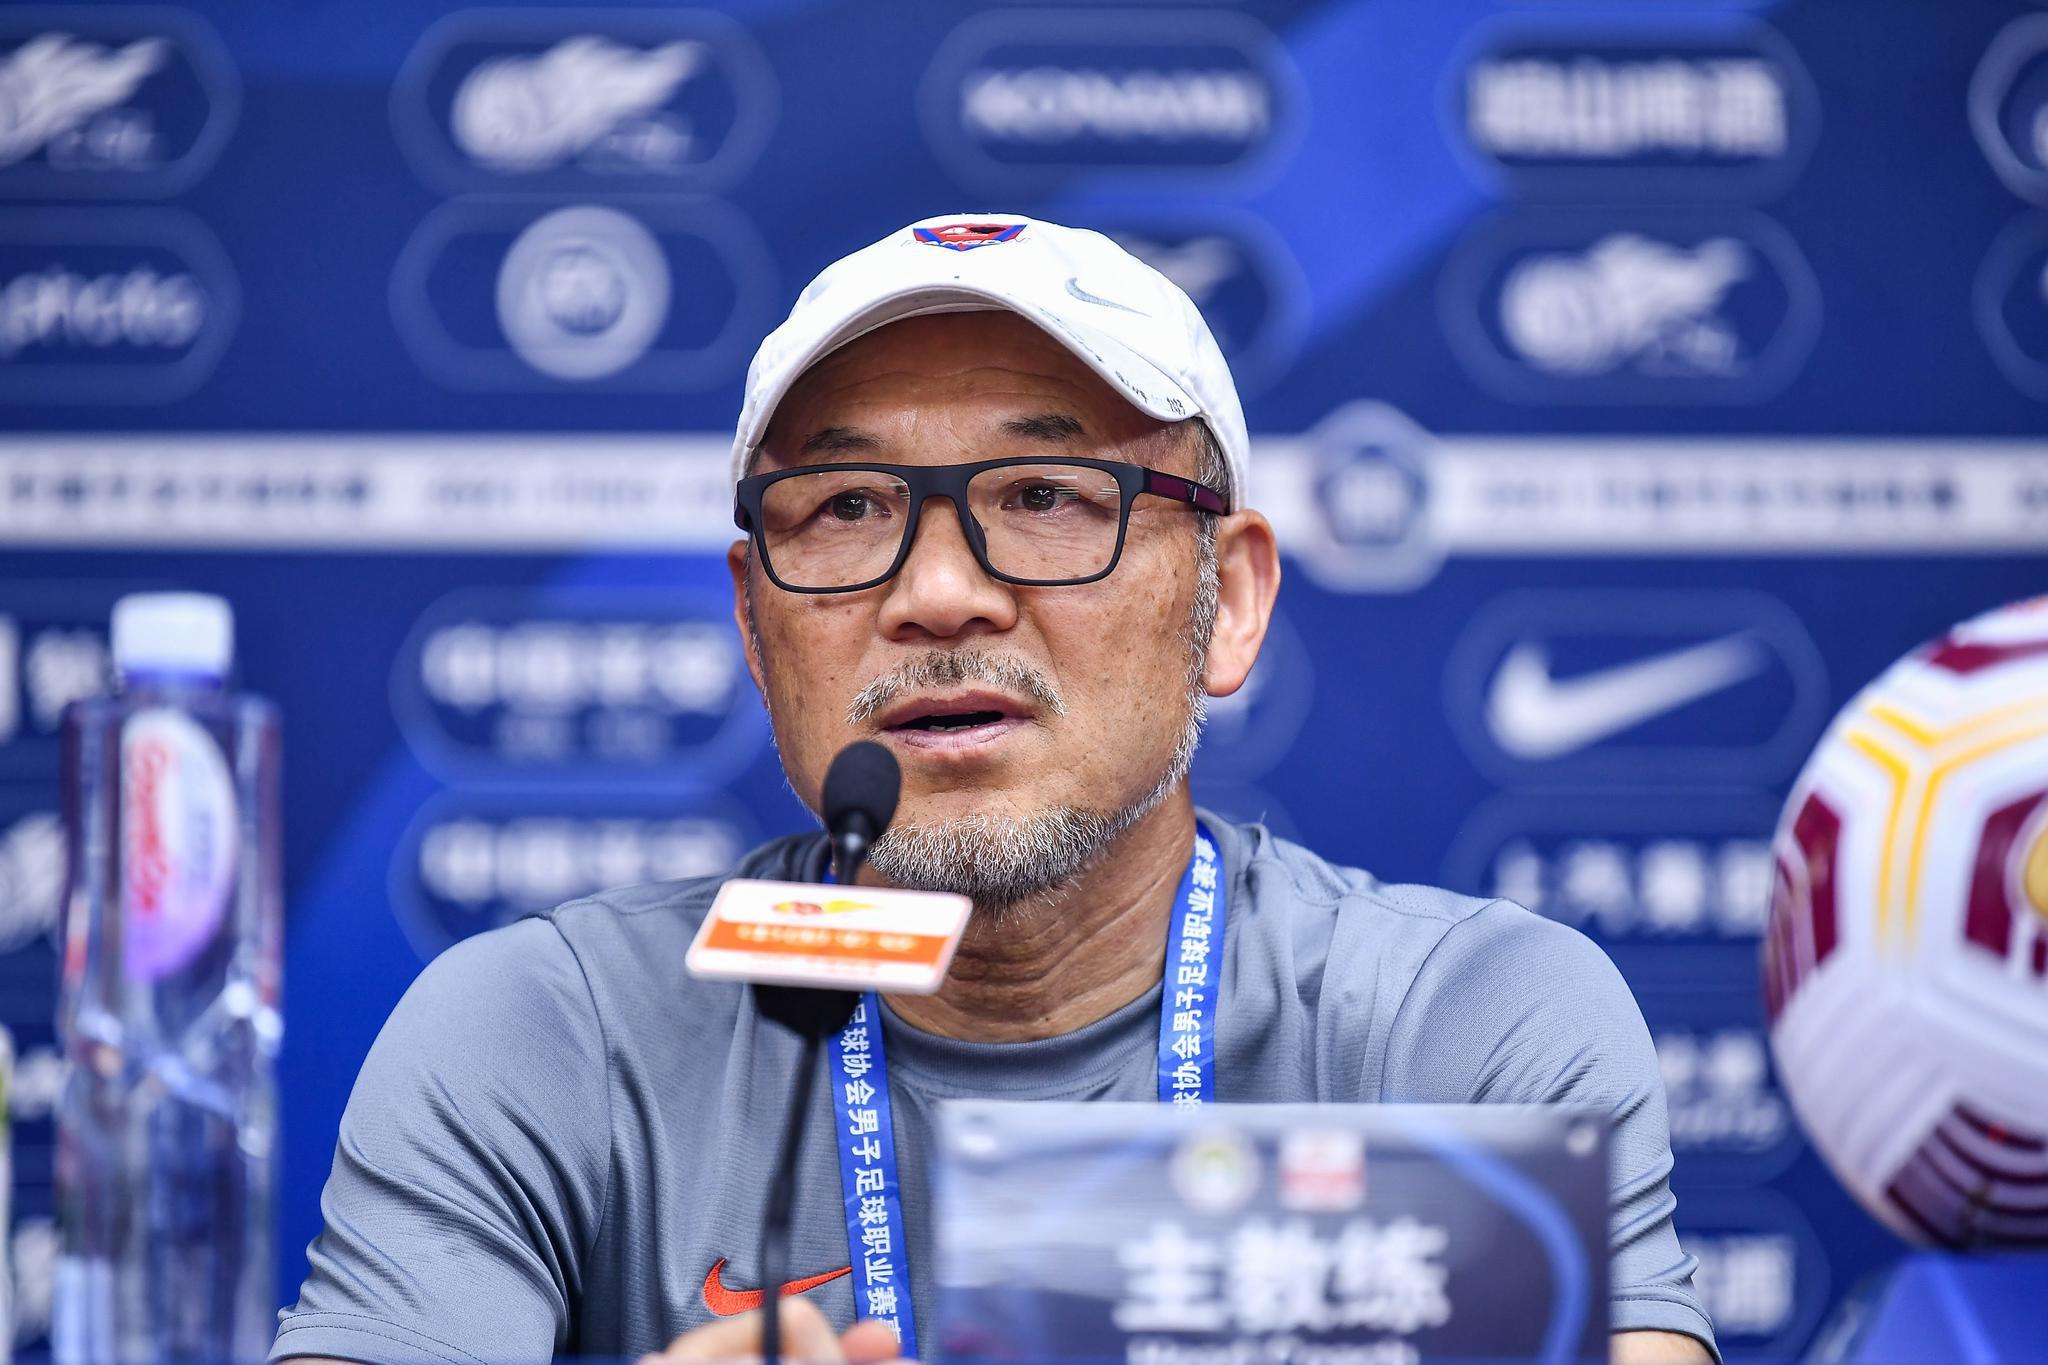 张外龙:重庆队员是伟大的球员,对此我感到幸福